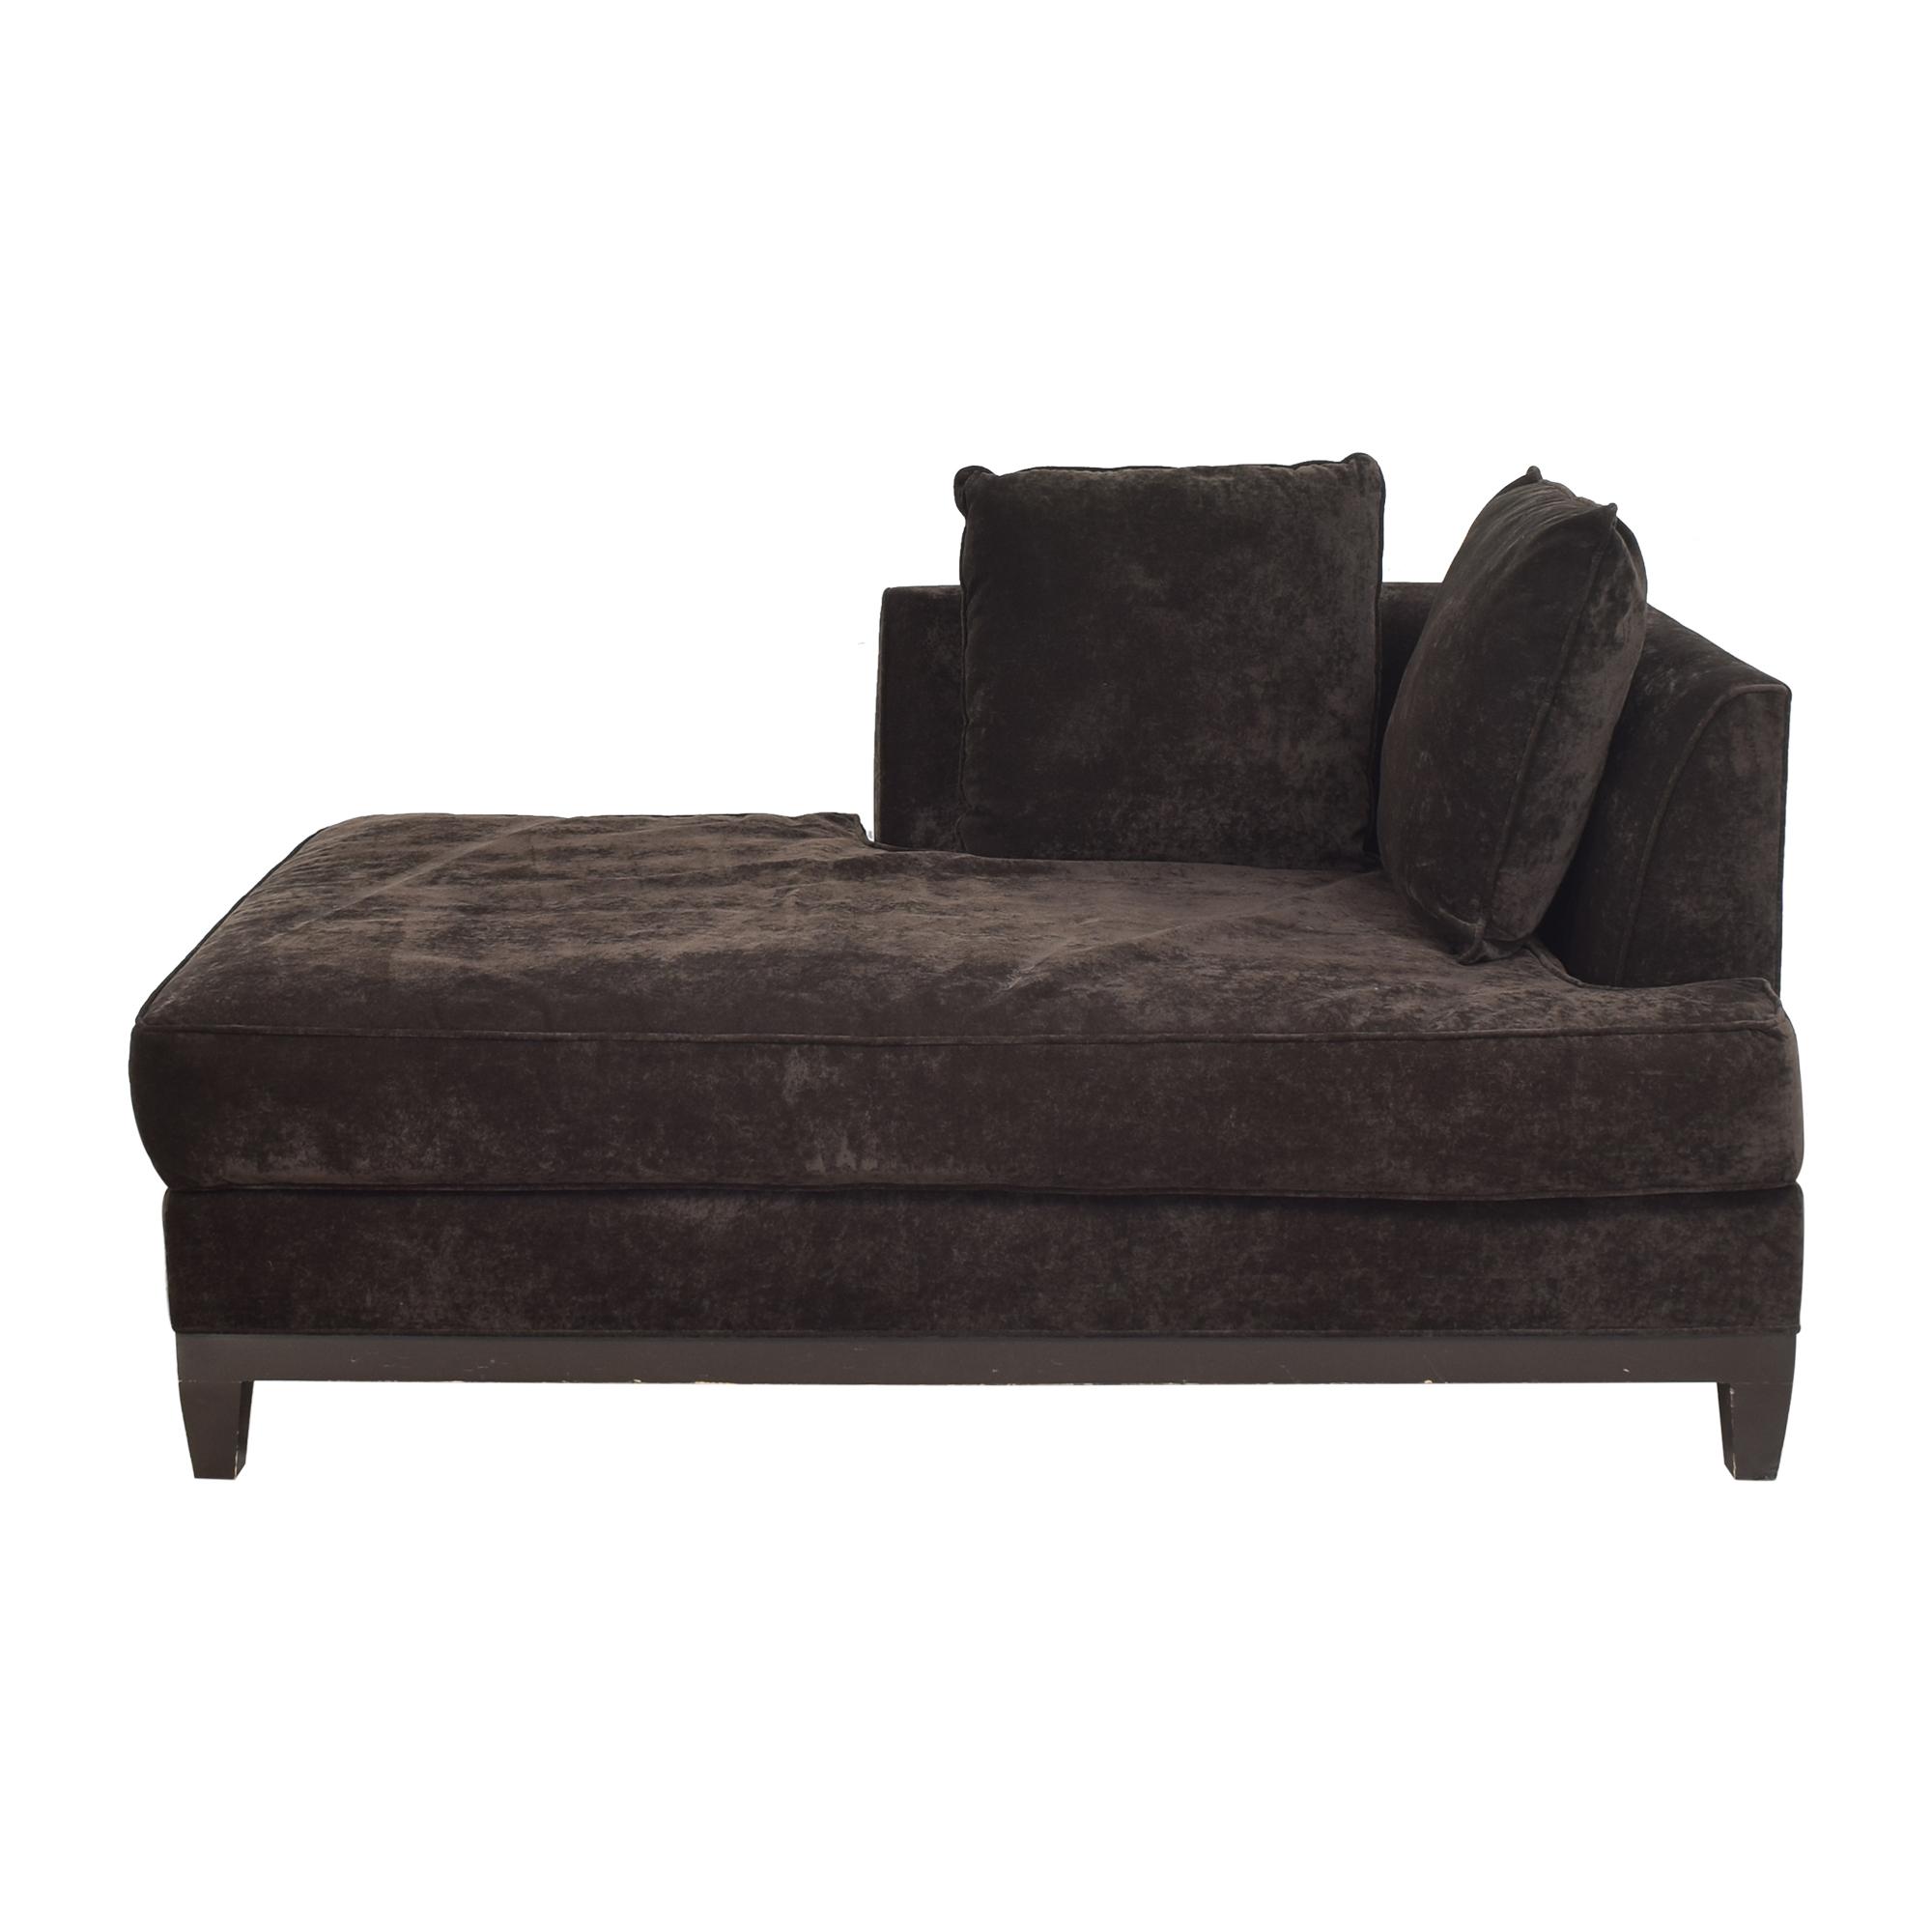 Portico Portico Chaise Lounge discount